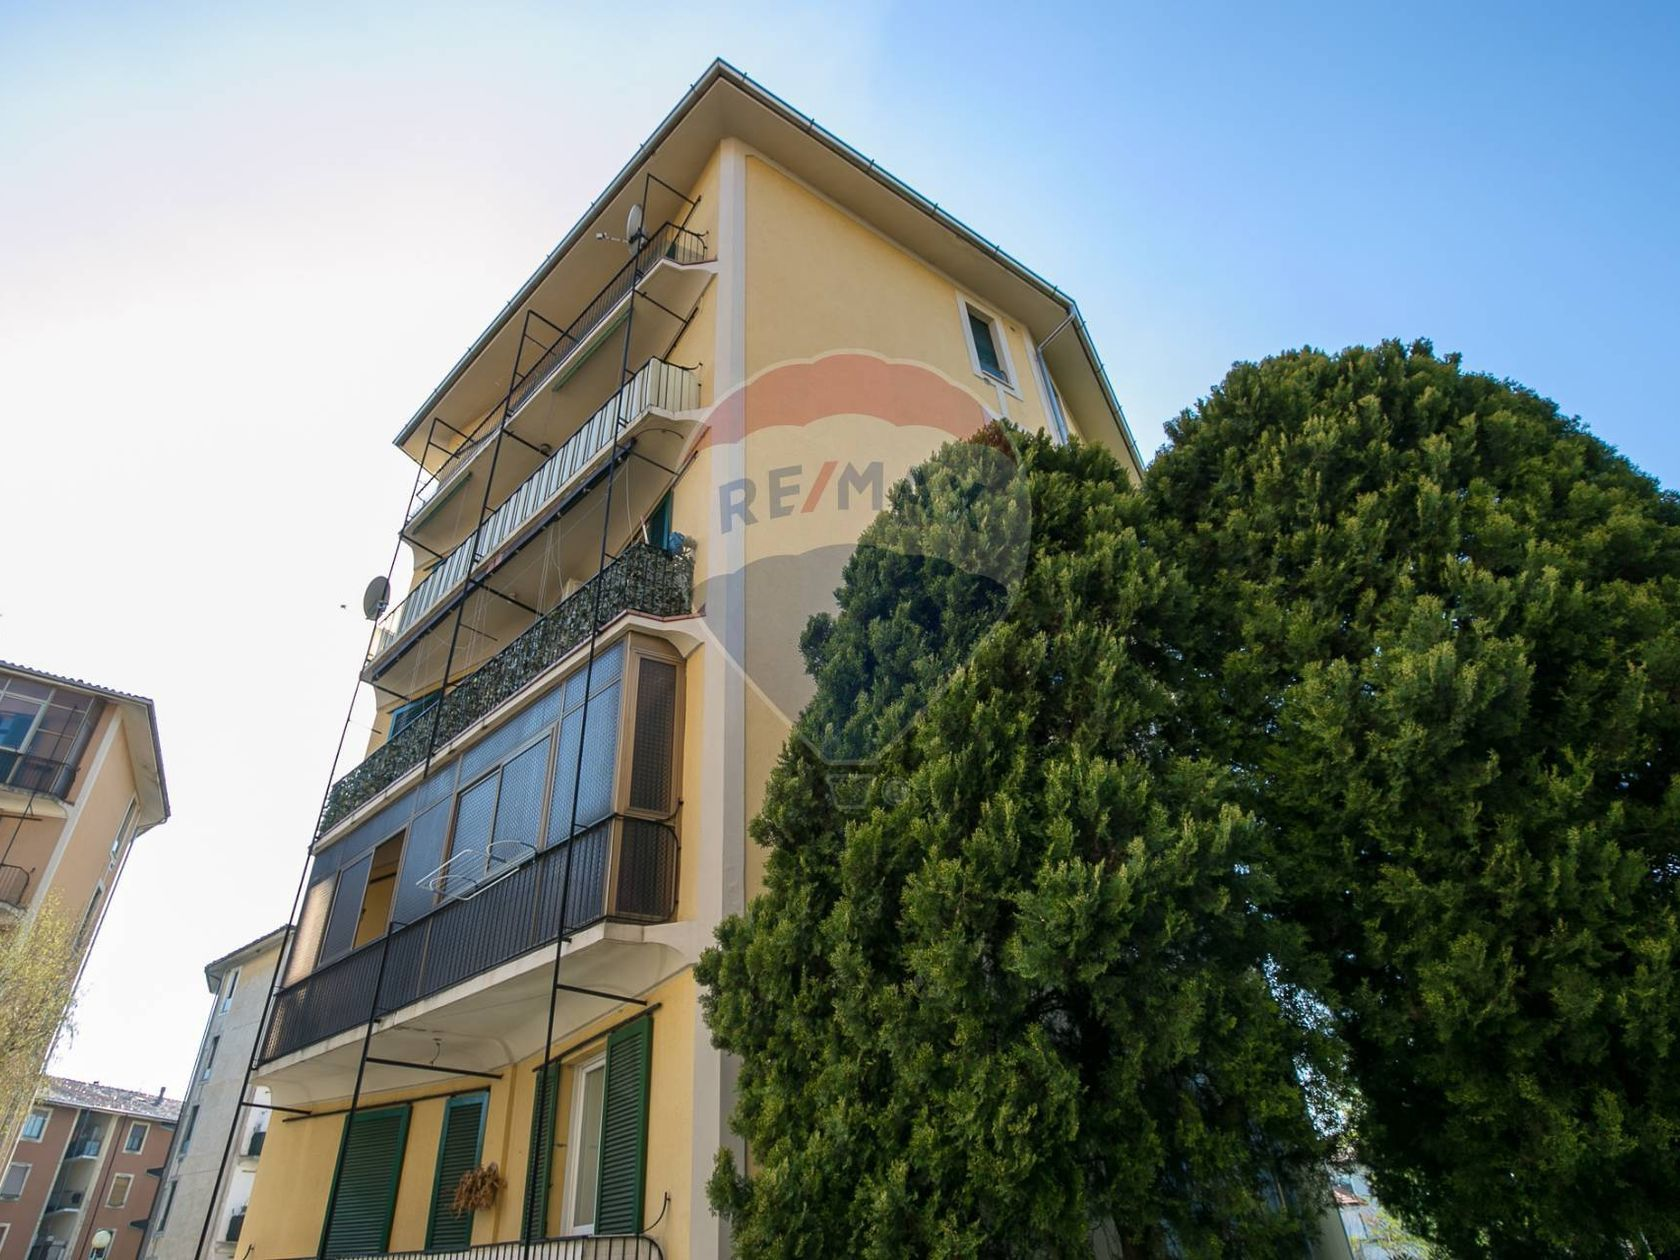 Appartamento S. Anna, Busto Arsizio, VA Vendita - Foto 15